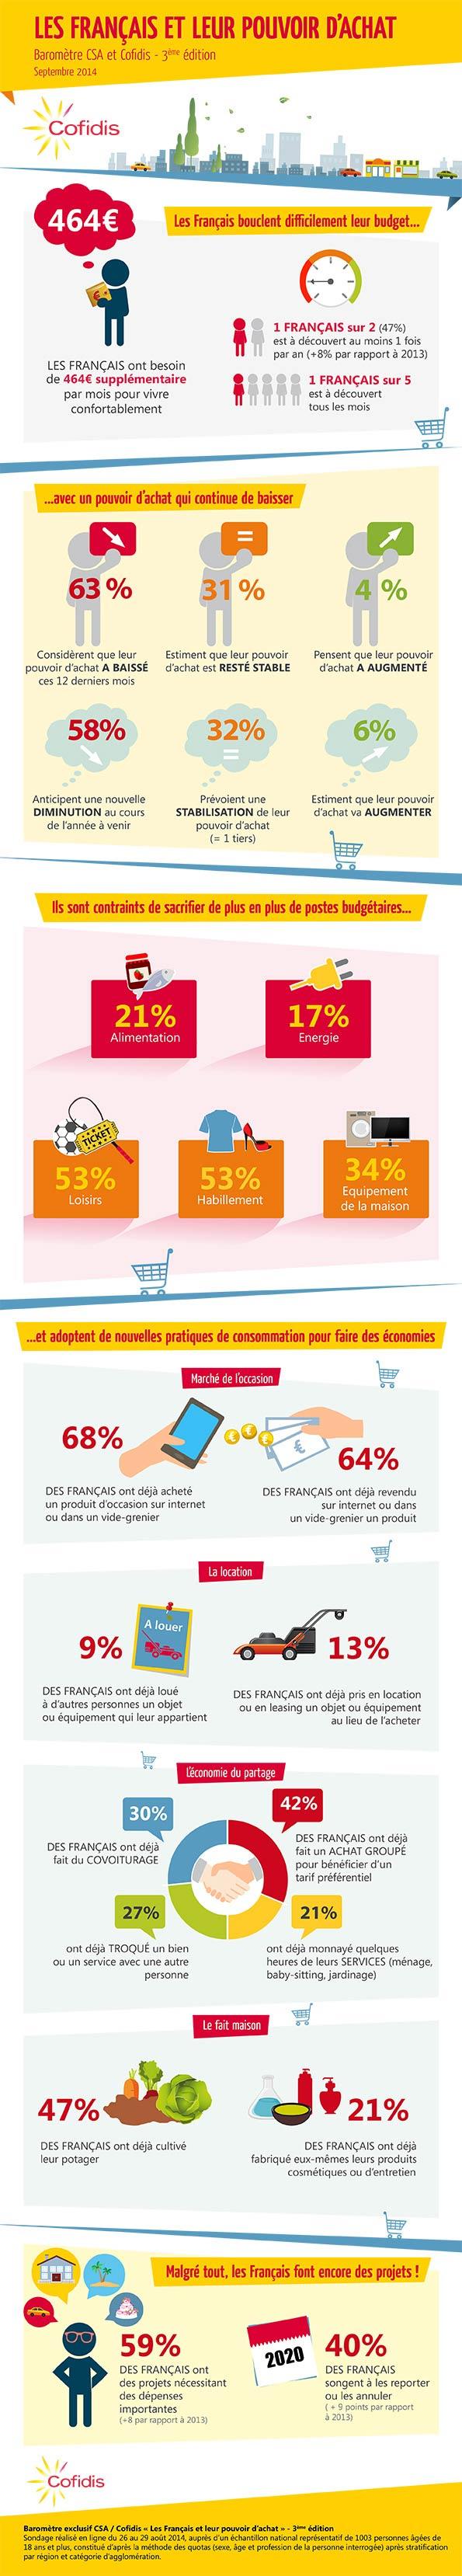 infographie-pouvoir-d'achat-Cofidis